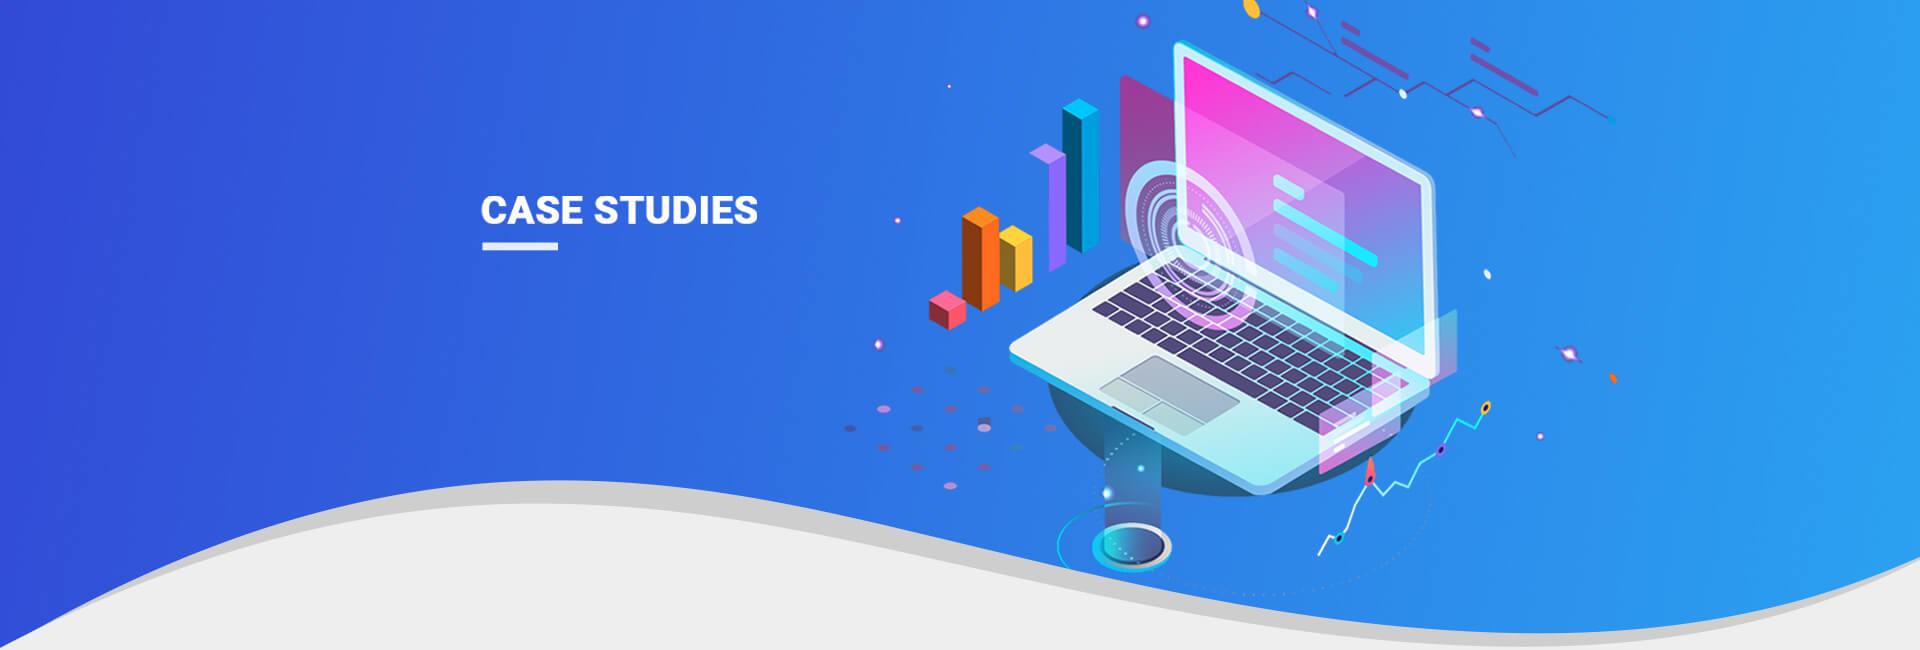 case_study_banner